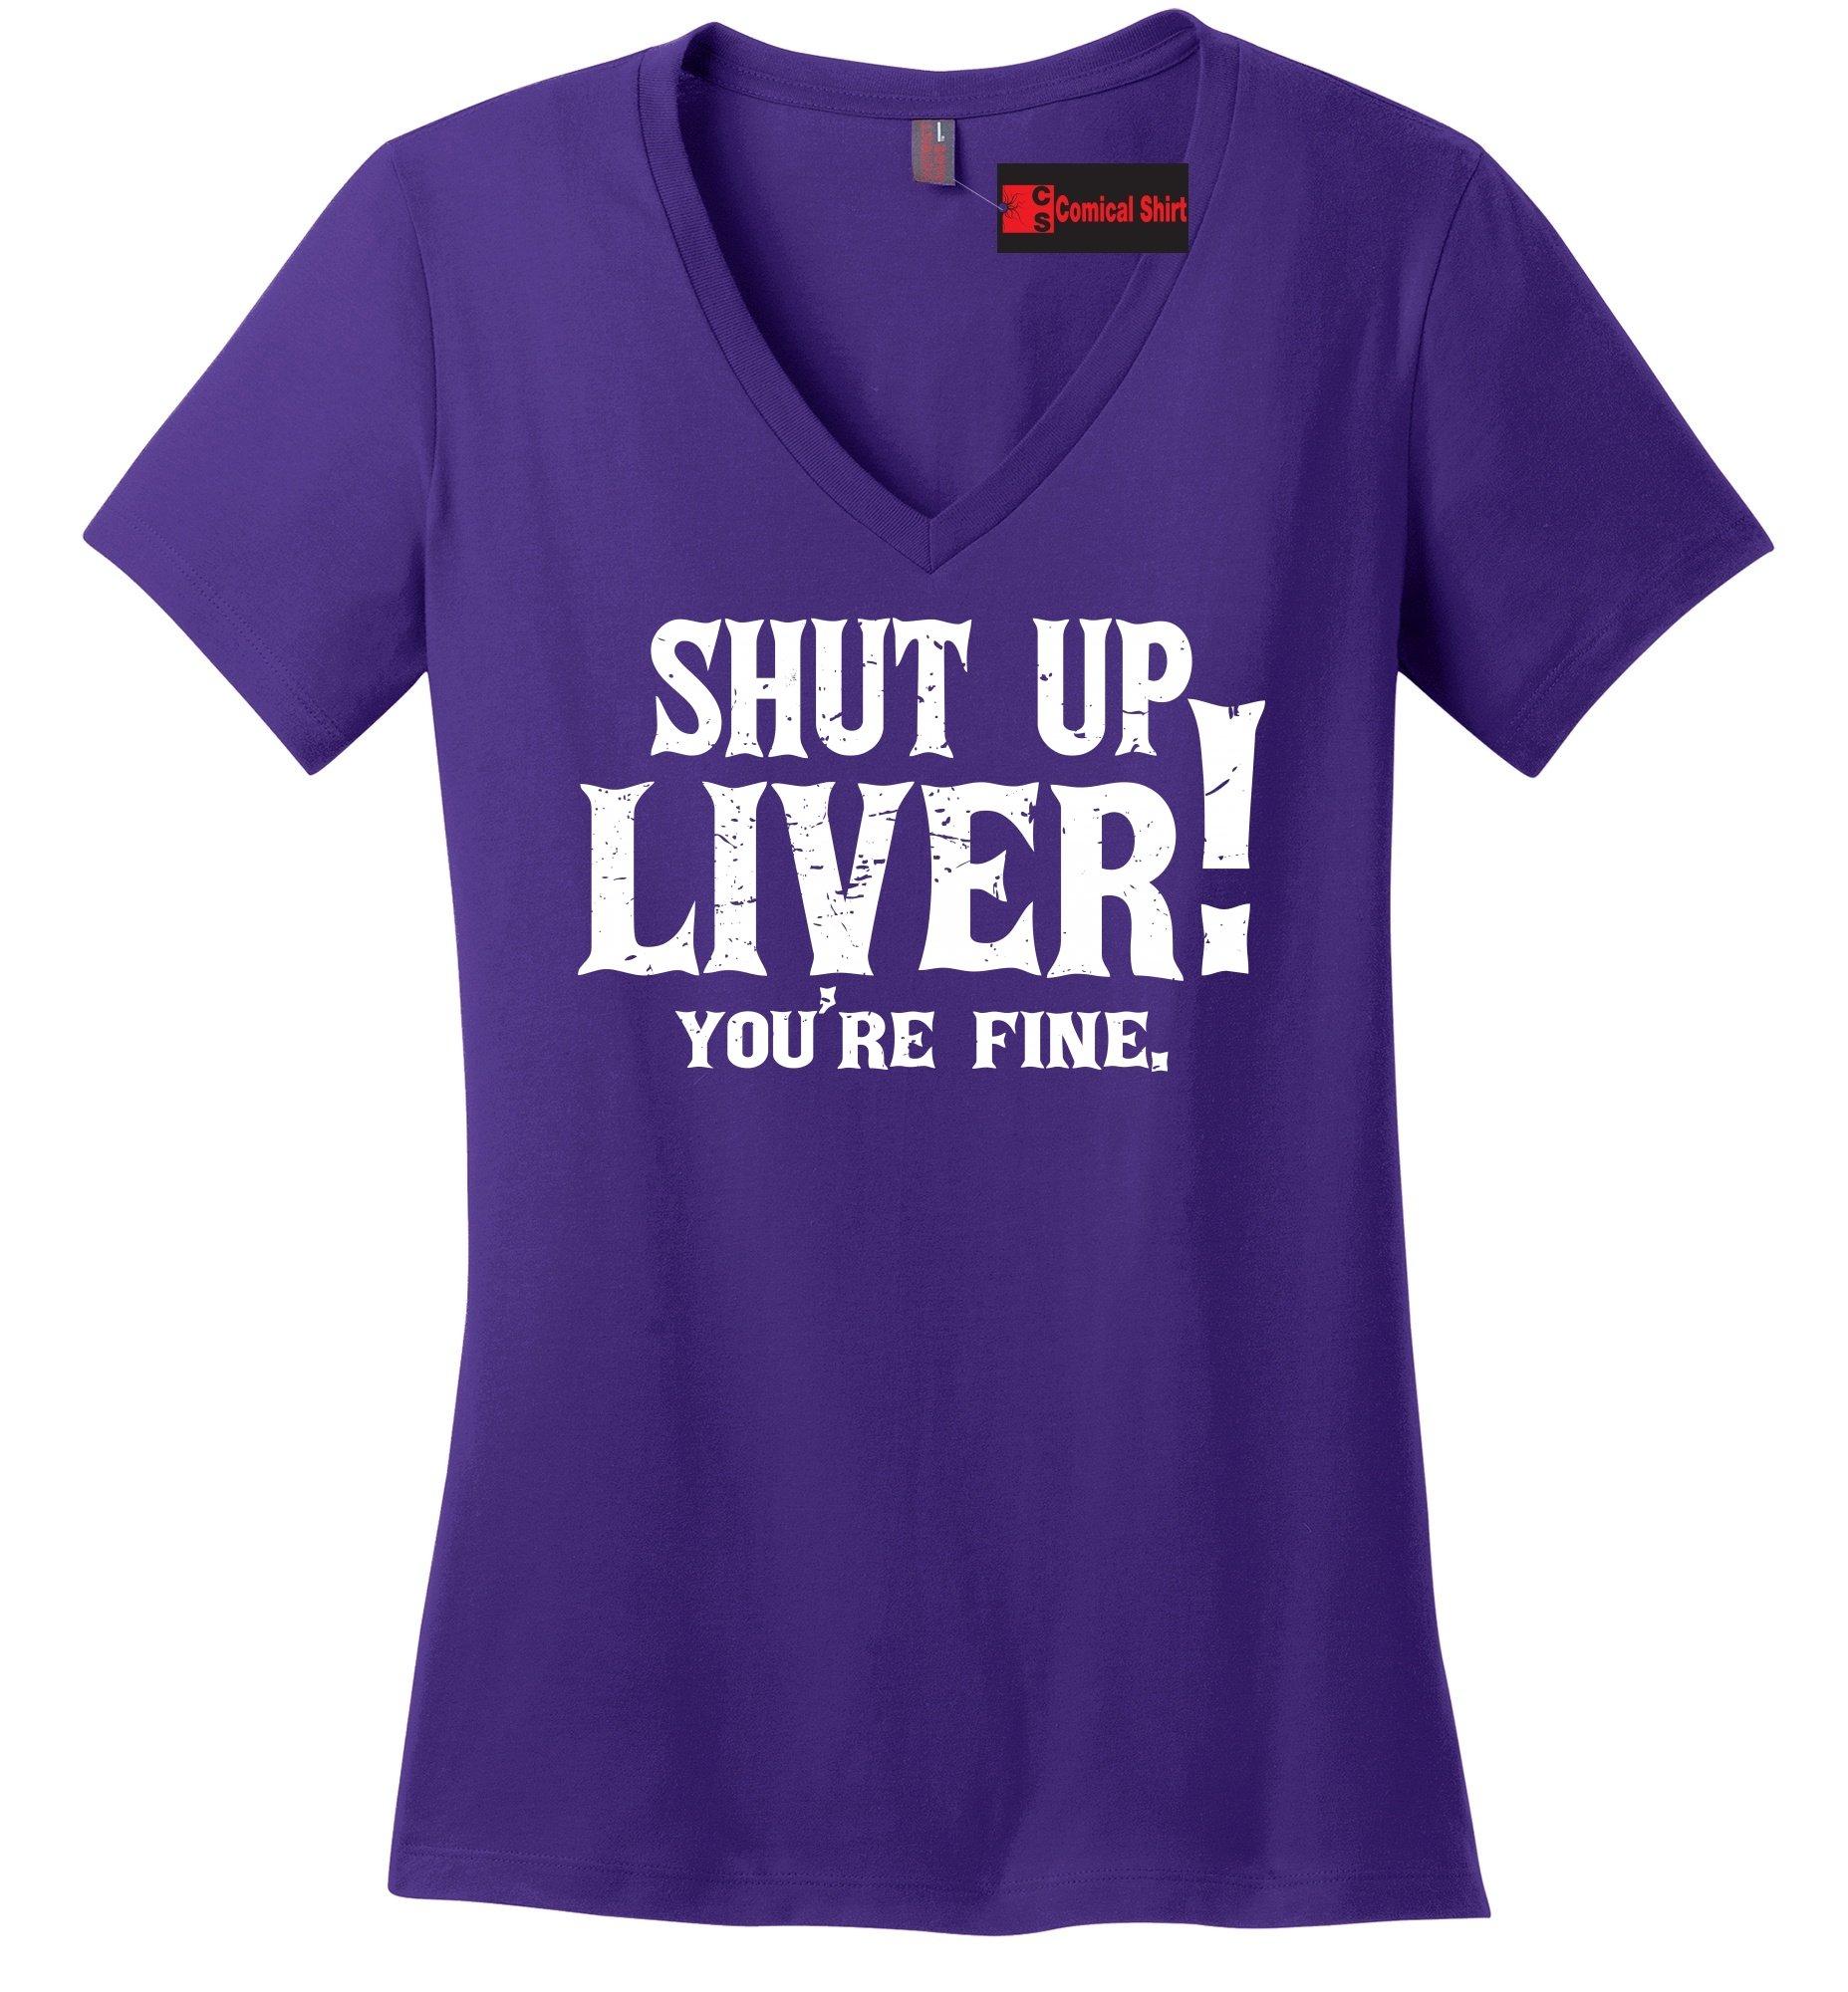 Comical Shirt Ladies Shut up Liver You're Fine Purple XL